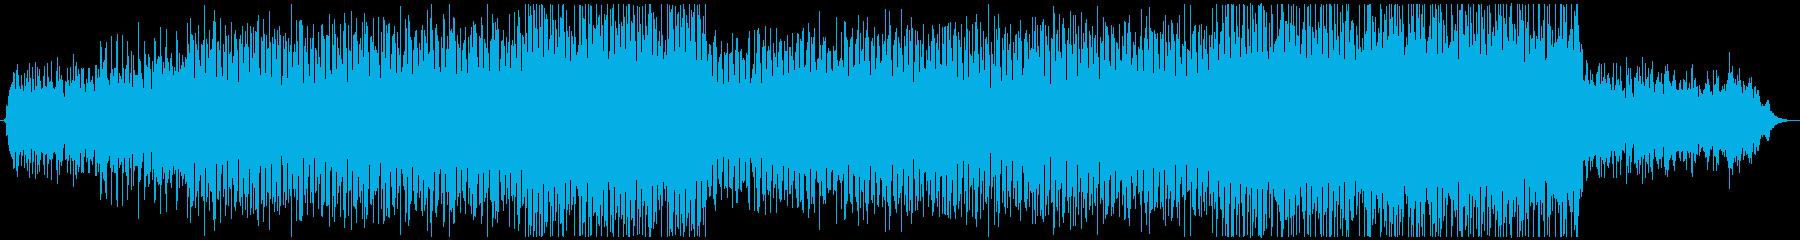 声なし|和風な企業VP 製品紹介の再生済みの波形